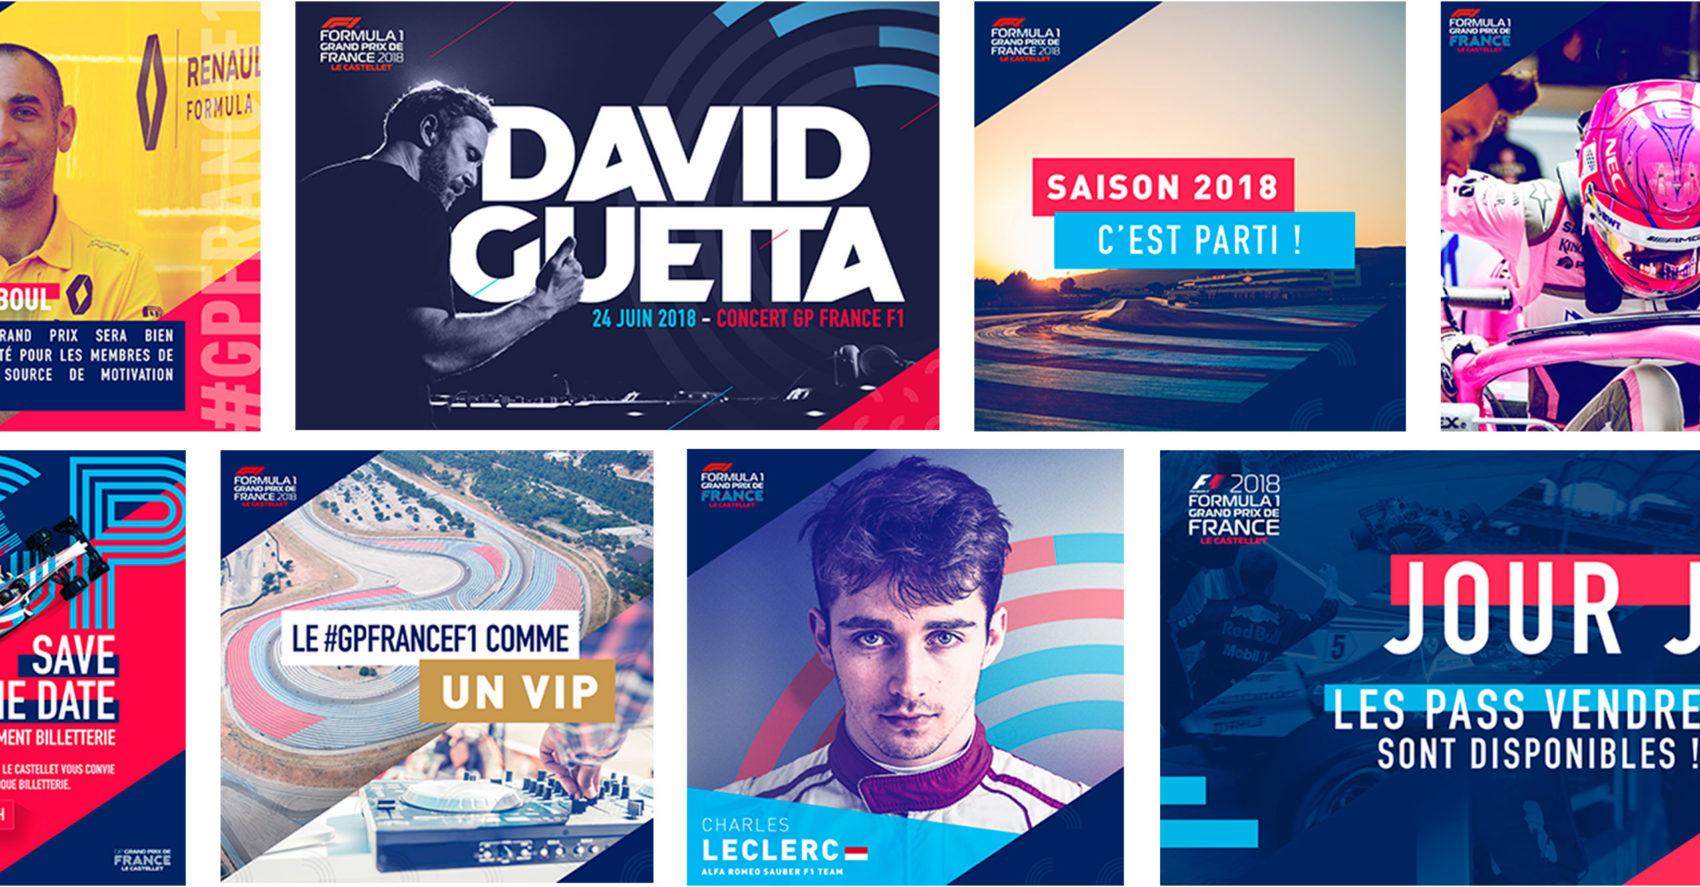 05_GP12018_GIP_Grand_Prix_de_France_Le_Castellet_F1